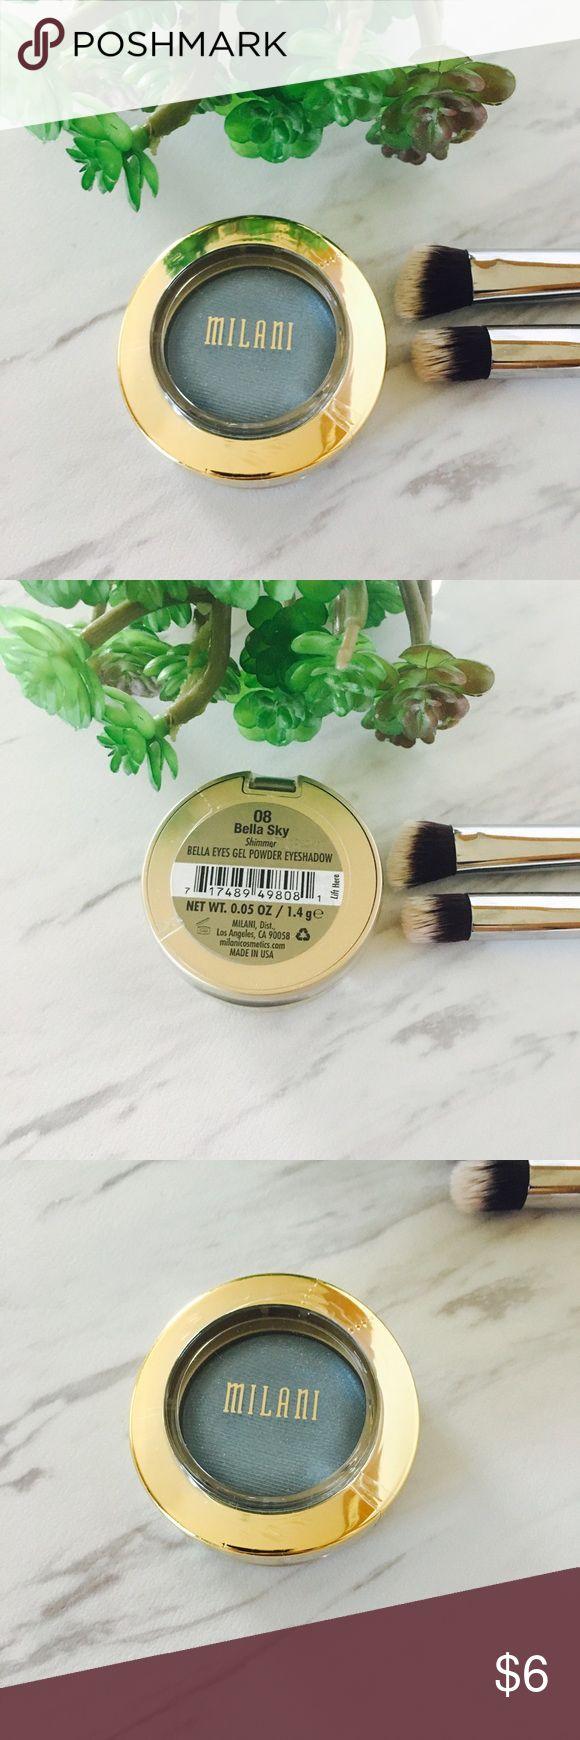 Milani eyeshadow gel powder Bella Sky shimmer #08 Milani eyeshadow gel powder Bella Sky shimmer #08. New sealed in original package. Milani Makeup Eyeshadow